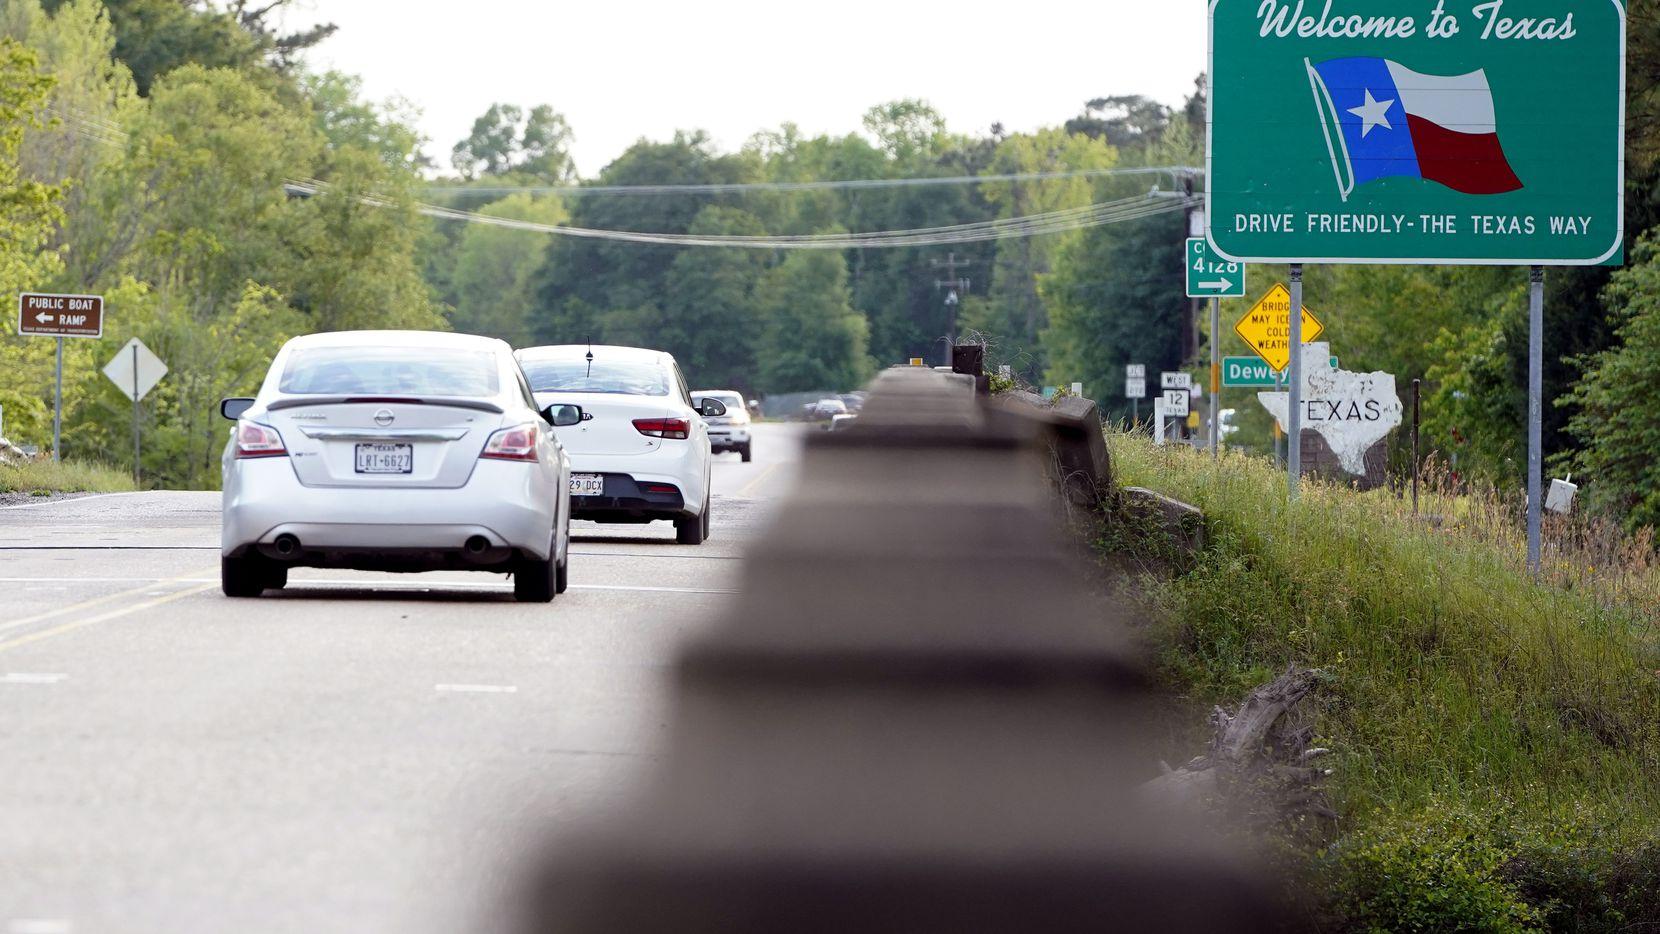 La policía estatal aumentará la vigilancia en las carreteras durante los días festivos del Labor Day, para evitar que haya accidentes y congestionamientos que afecten a los viajeros.